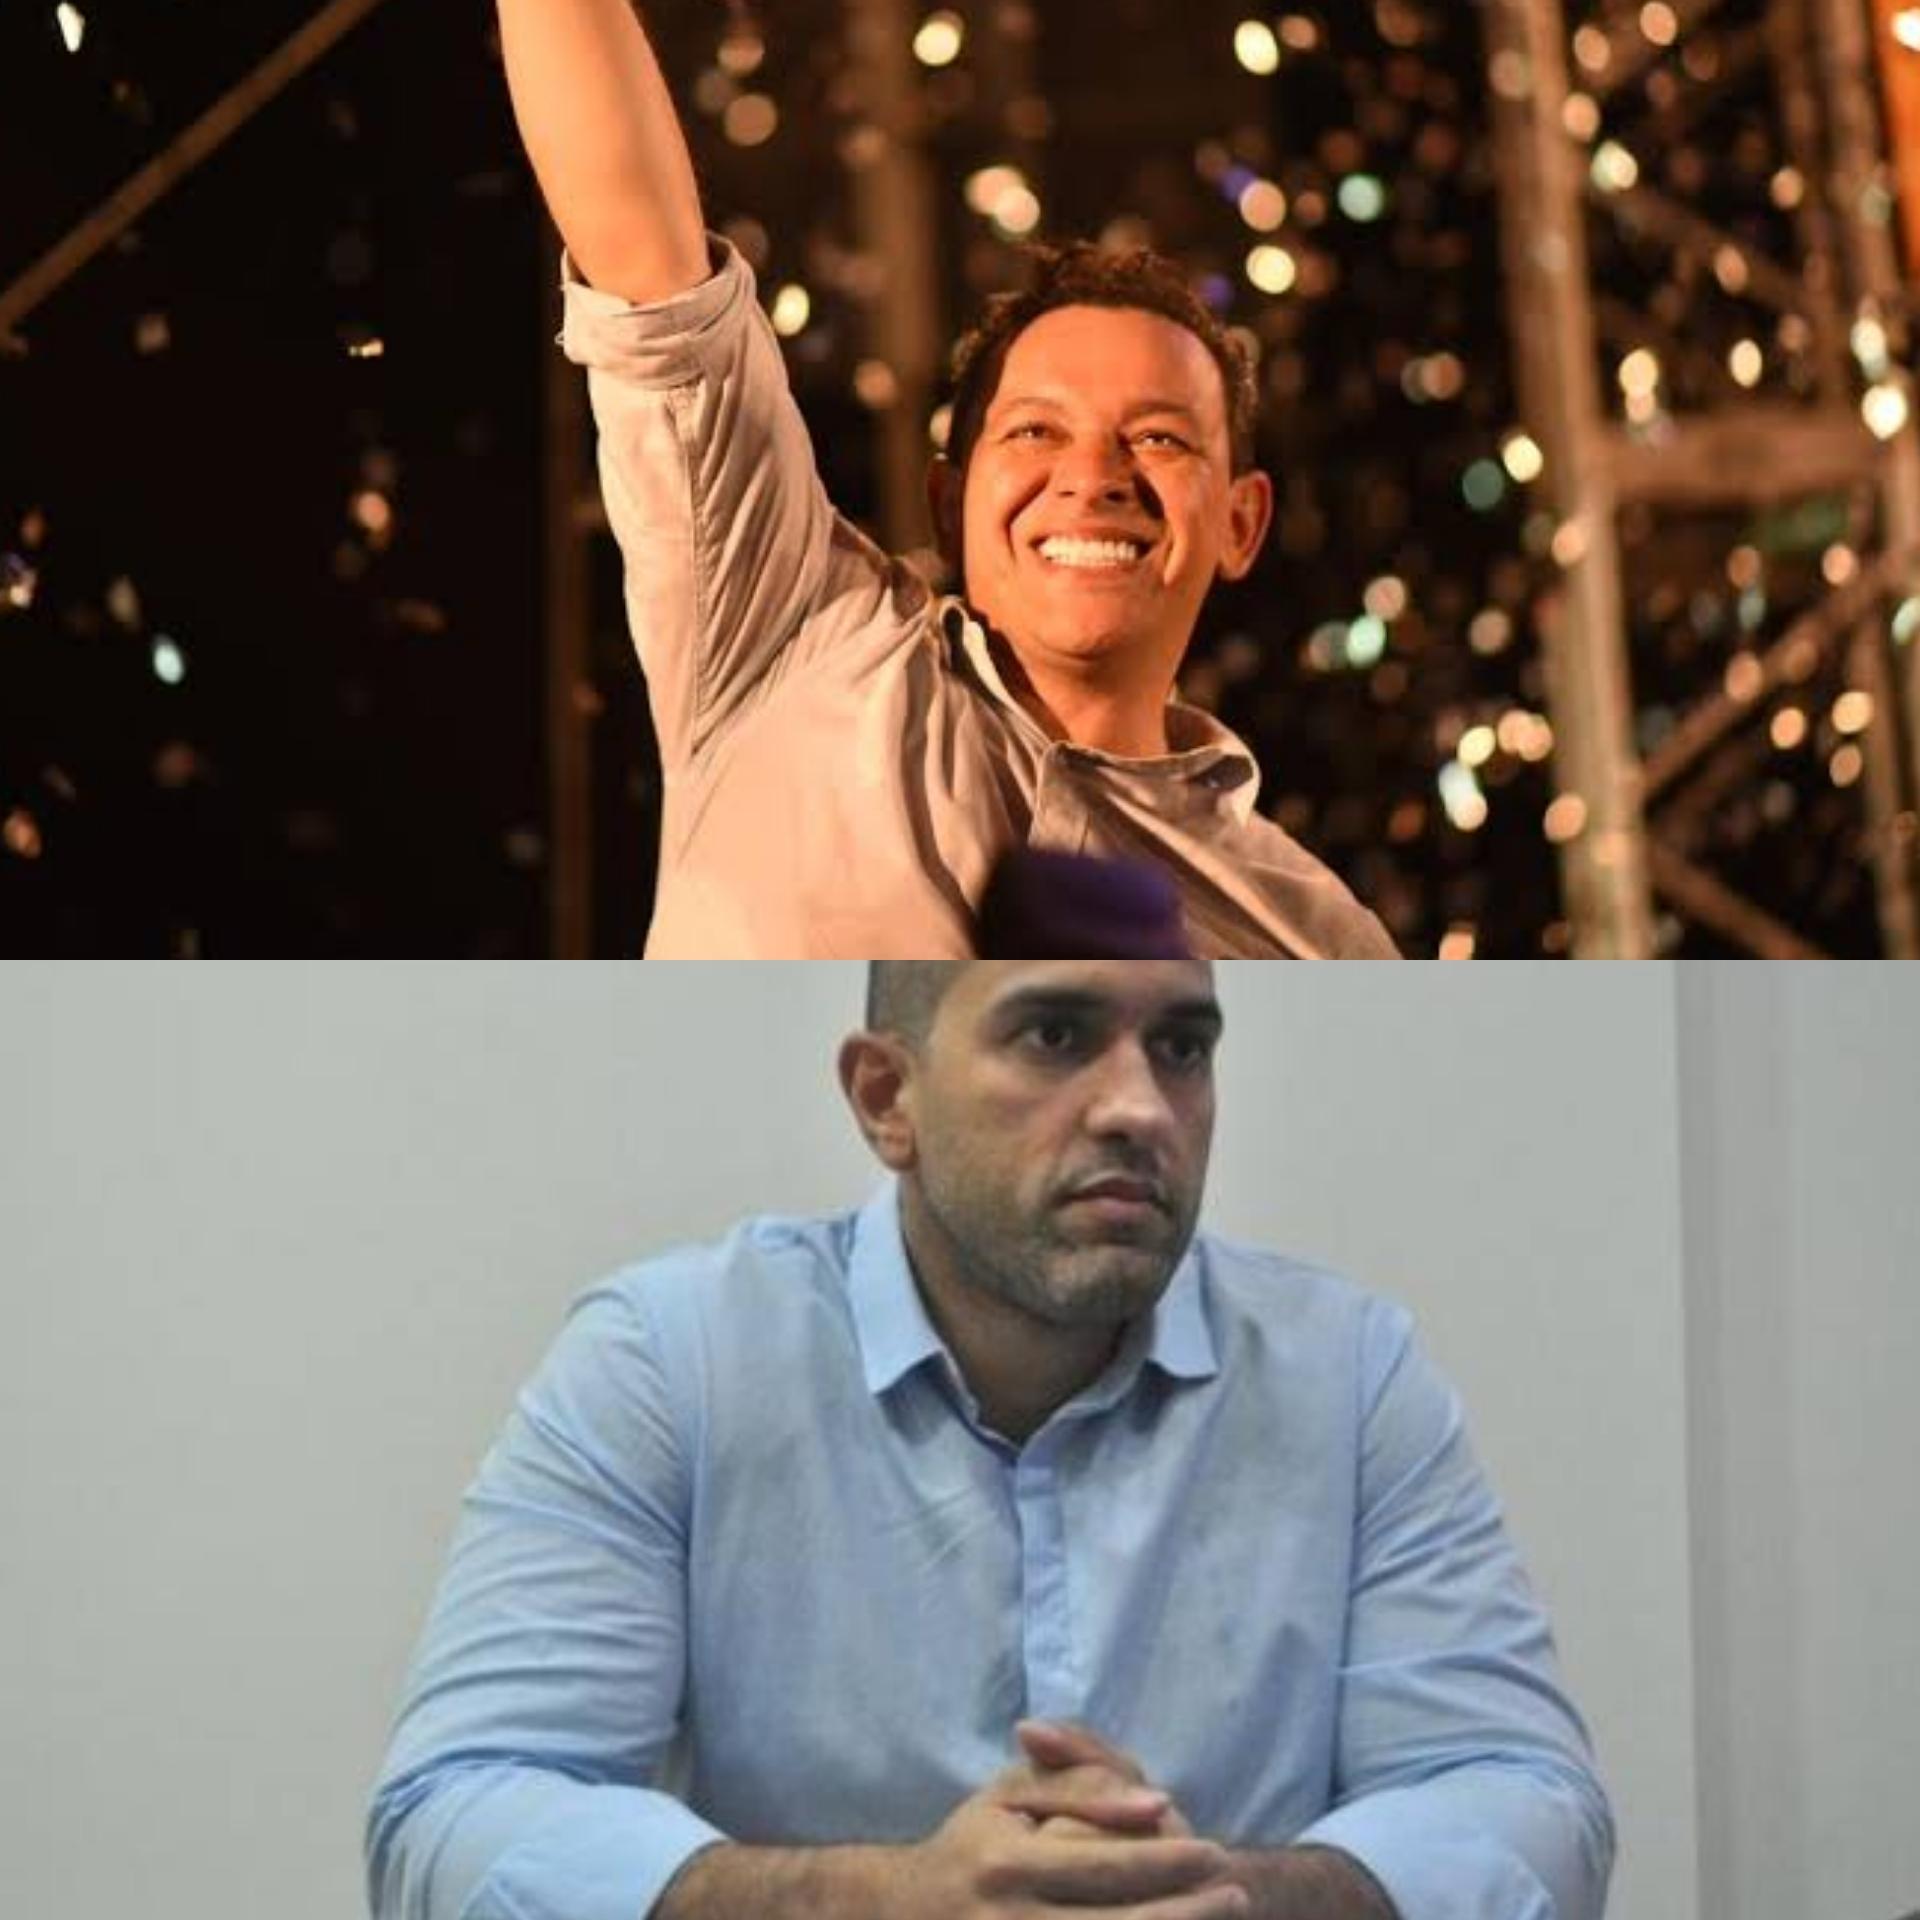 Candidatos à Prefeitura de Boa Vista retomam propaganda eleitoral no rádio e TV